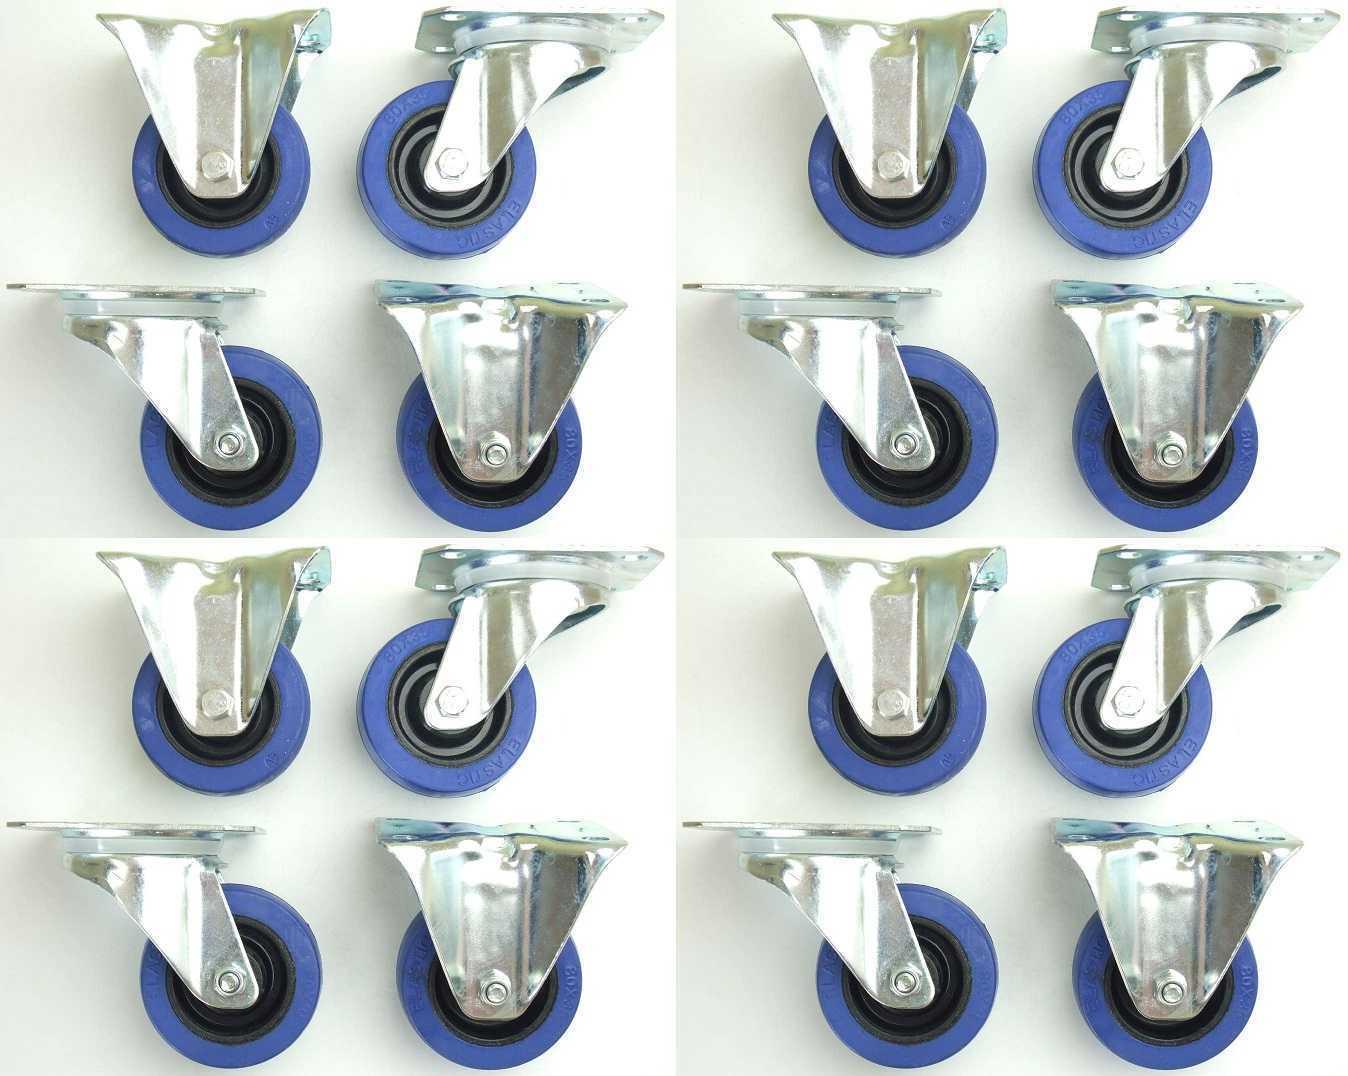 4 Sets SL 80 mm Schwerlast Blau Wheels Lenkrollen & Bockrollen Transportrollen